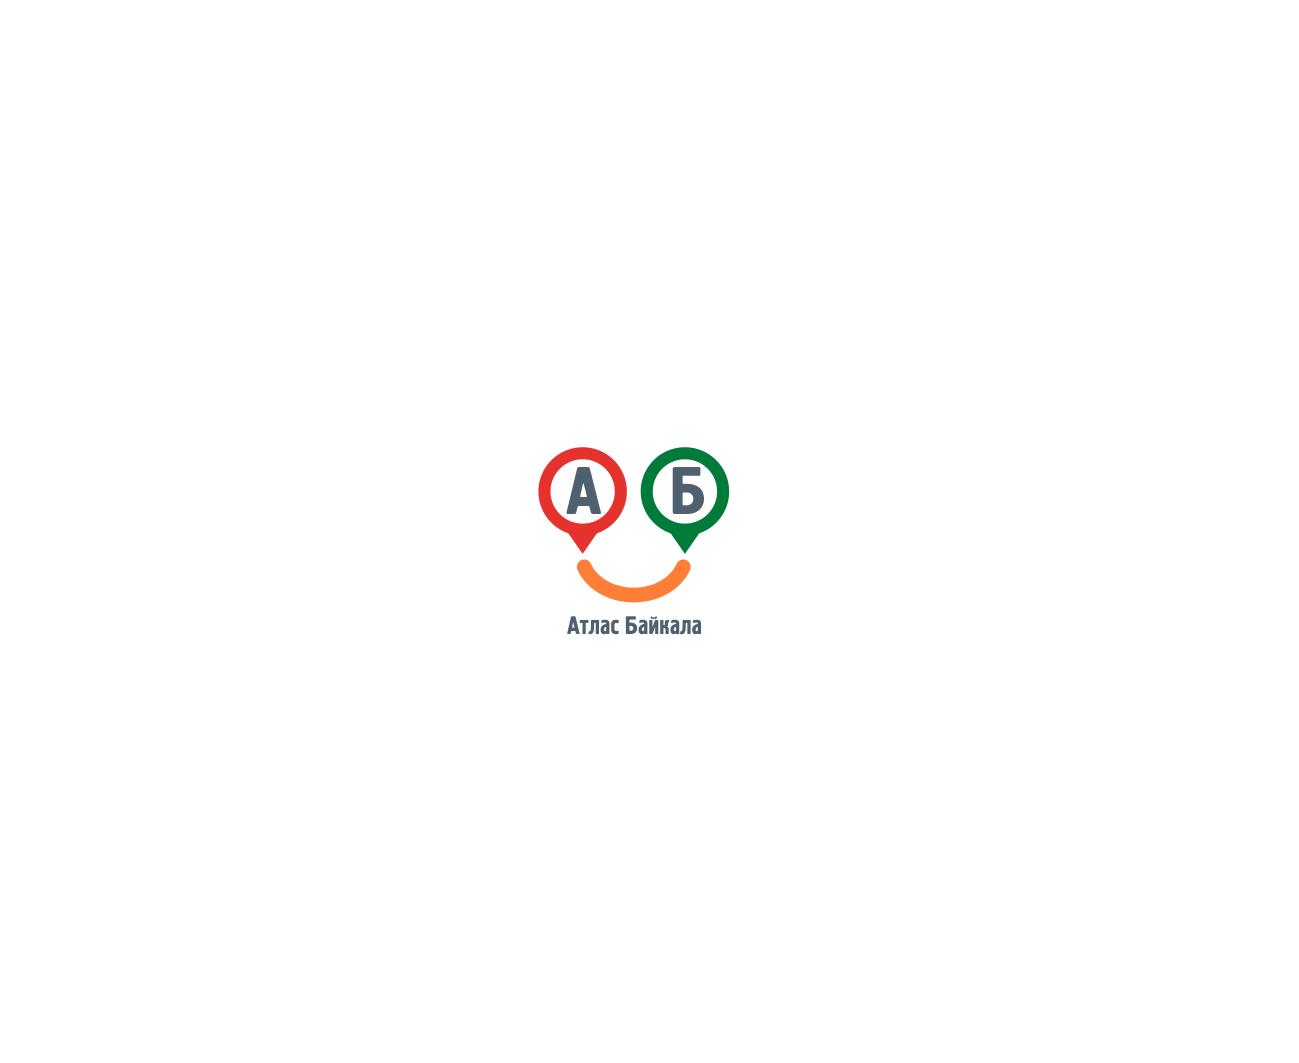 Разработка логотипа Атлас Байкала фото f_1995af97fb876dae.png